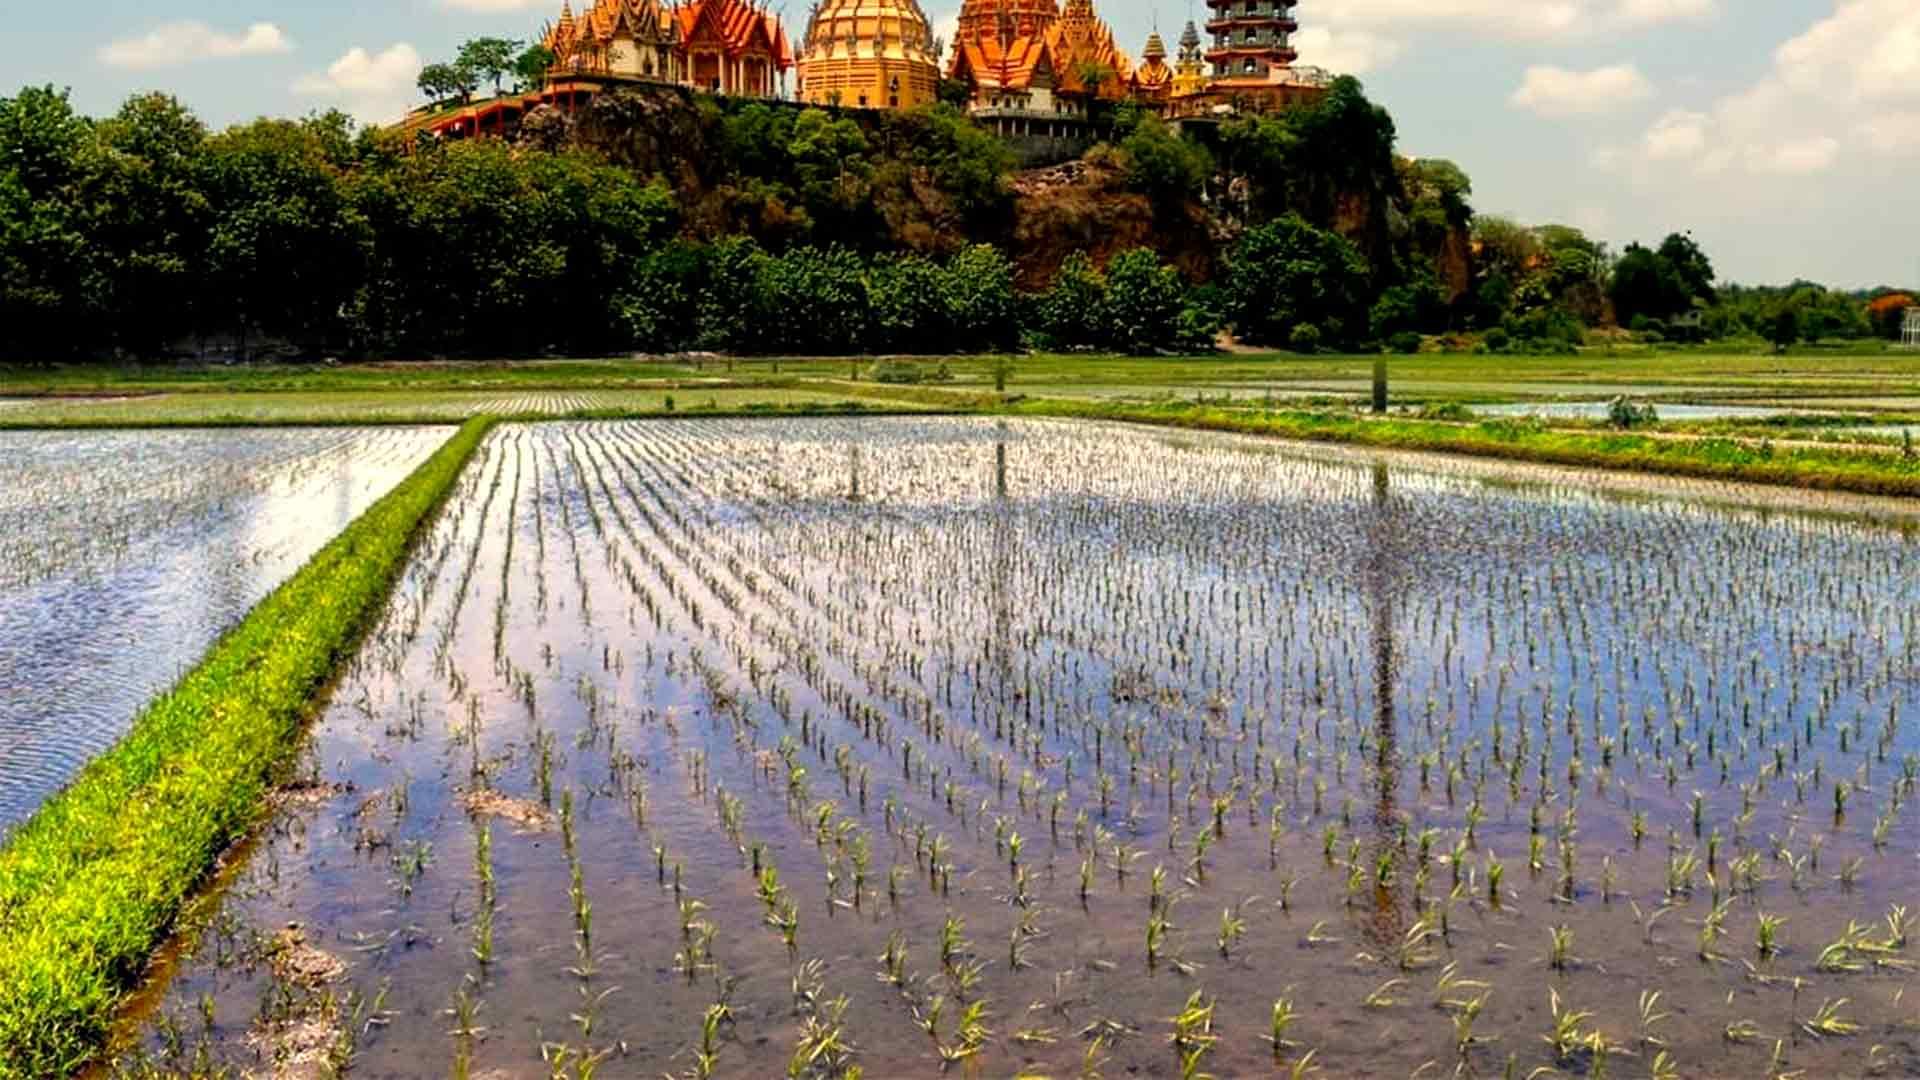 En Büyük Pirinç Üretimi Yapan Ülkeler